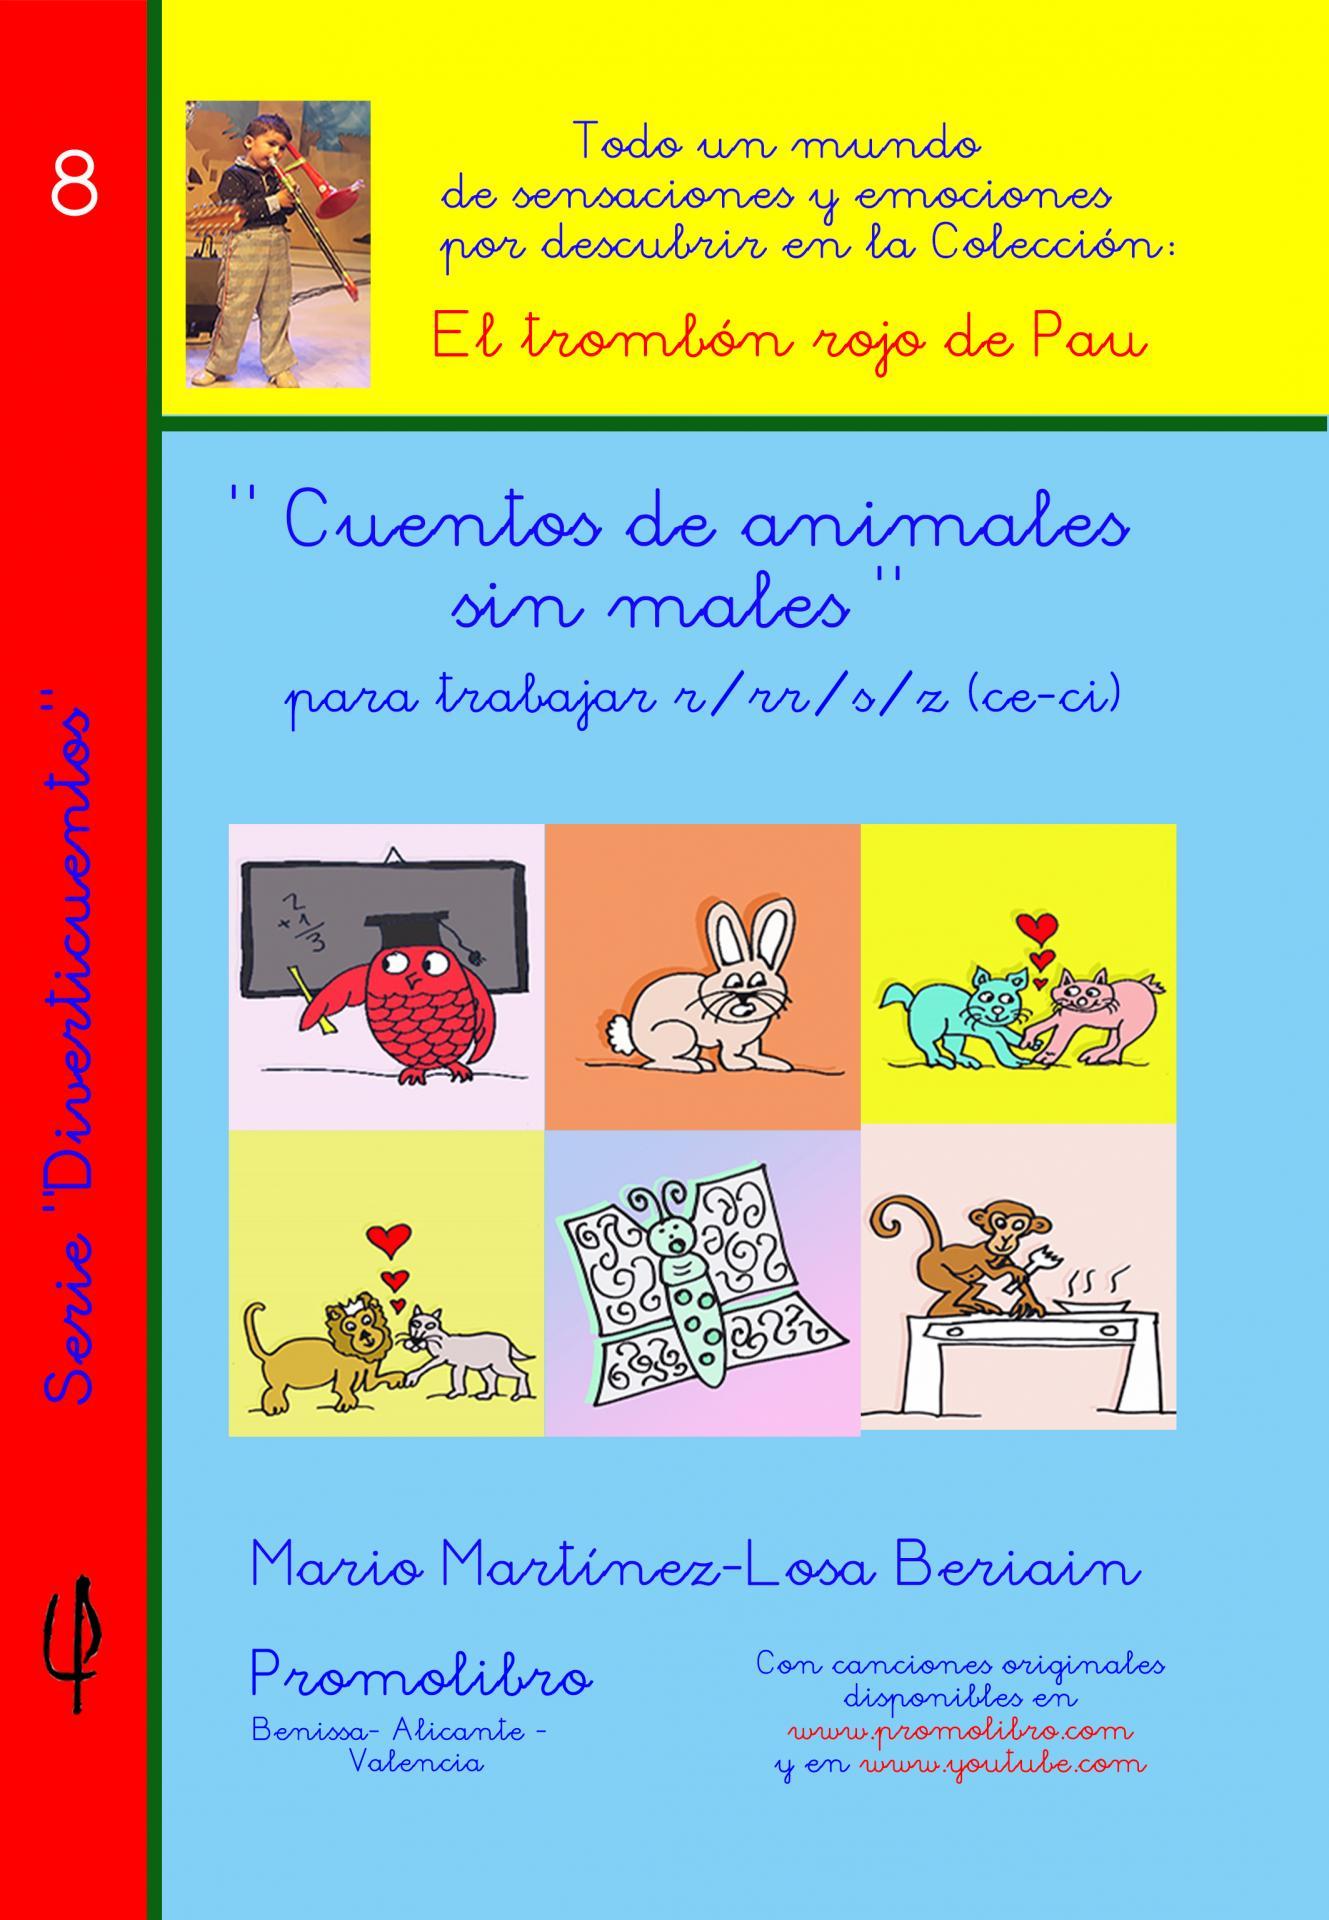 CUENTOS DE ANIMALES SIN MALES. Para trabajar r/ rr/ s/ z (ce-ci)